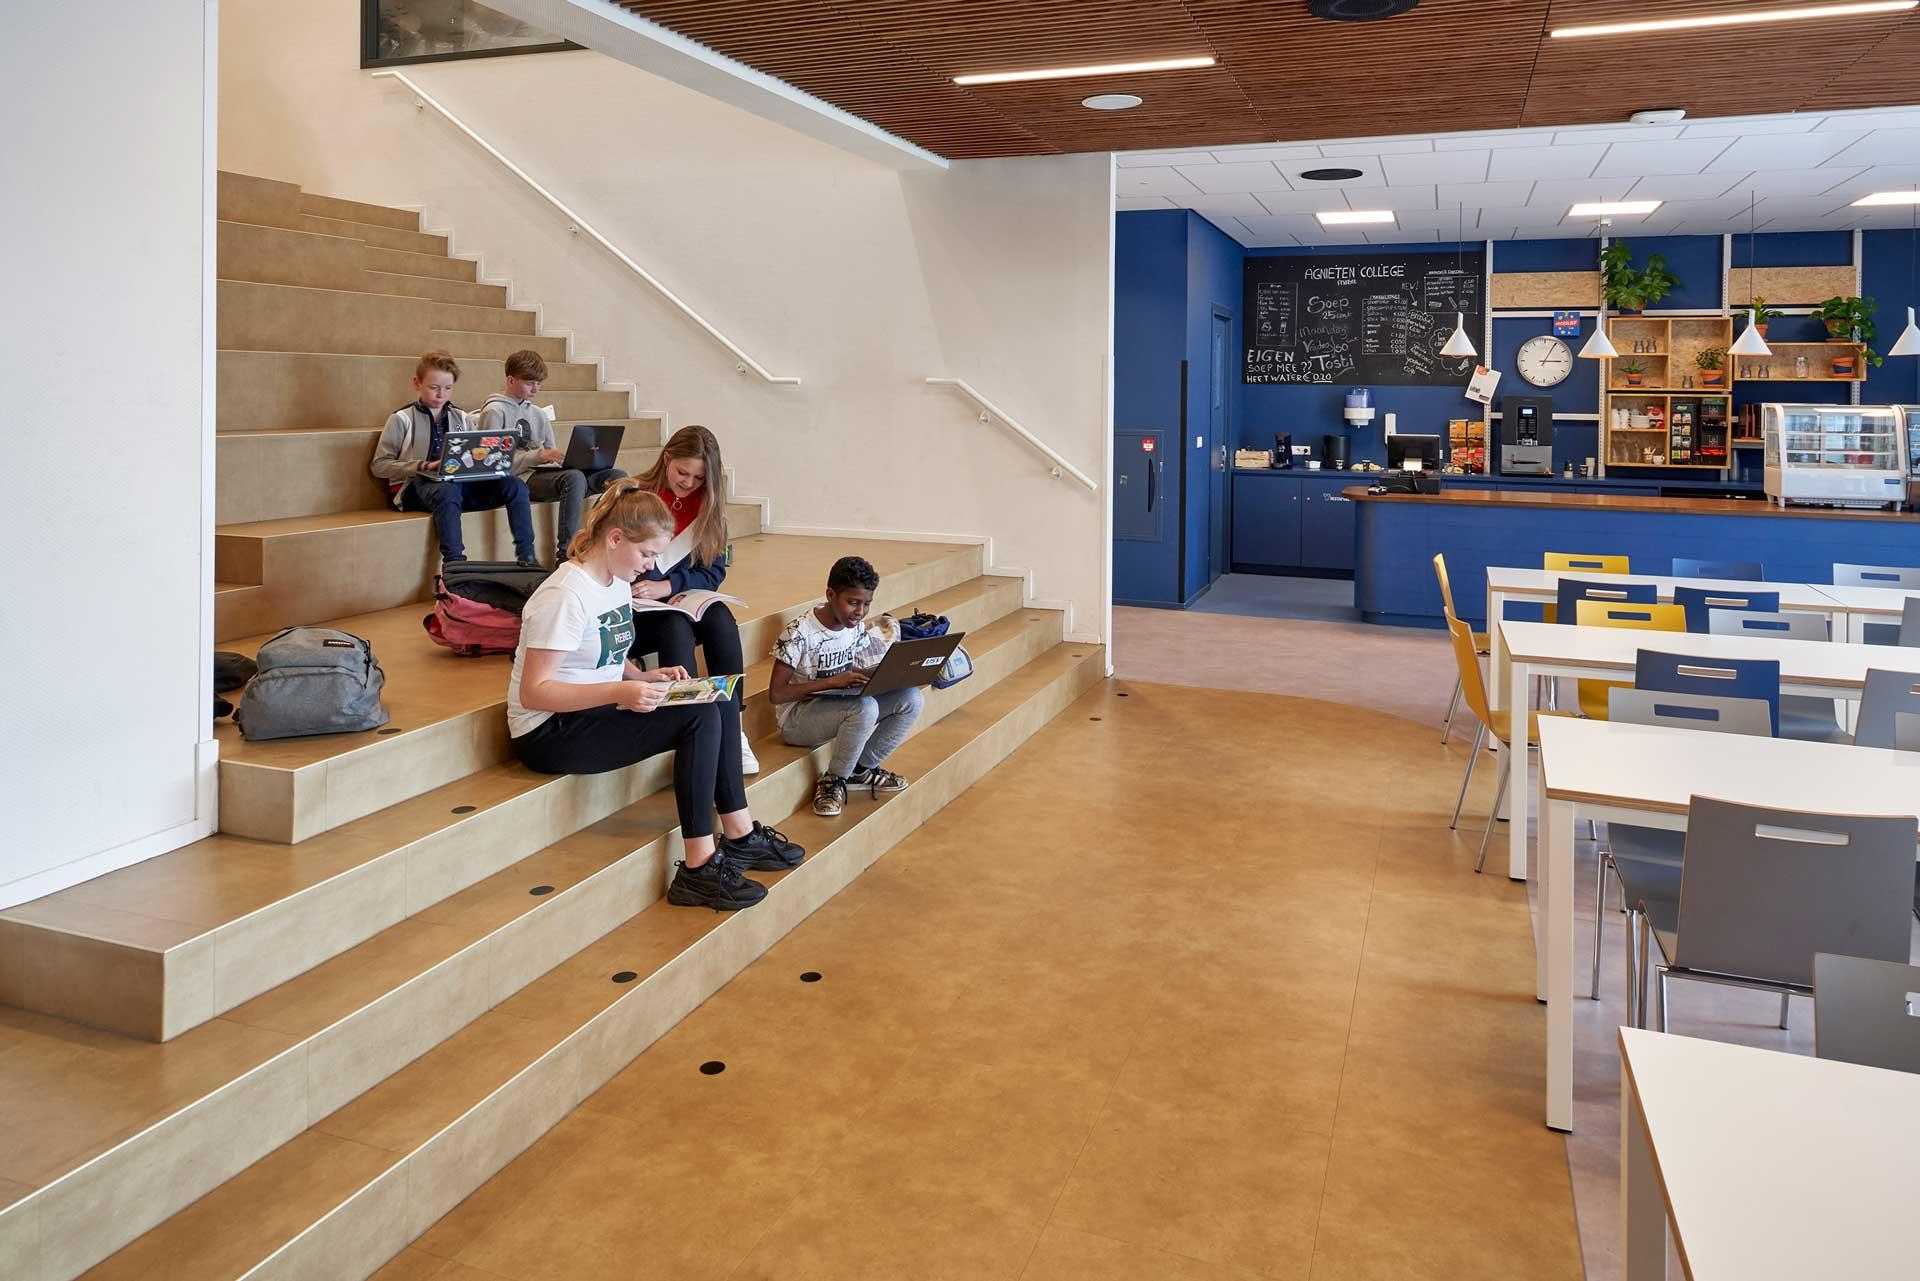 Nieuwleusen - Kulturhus De Spil